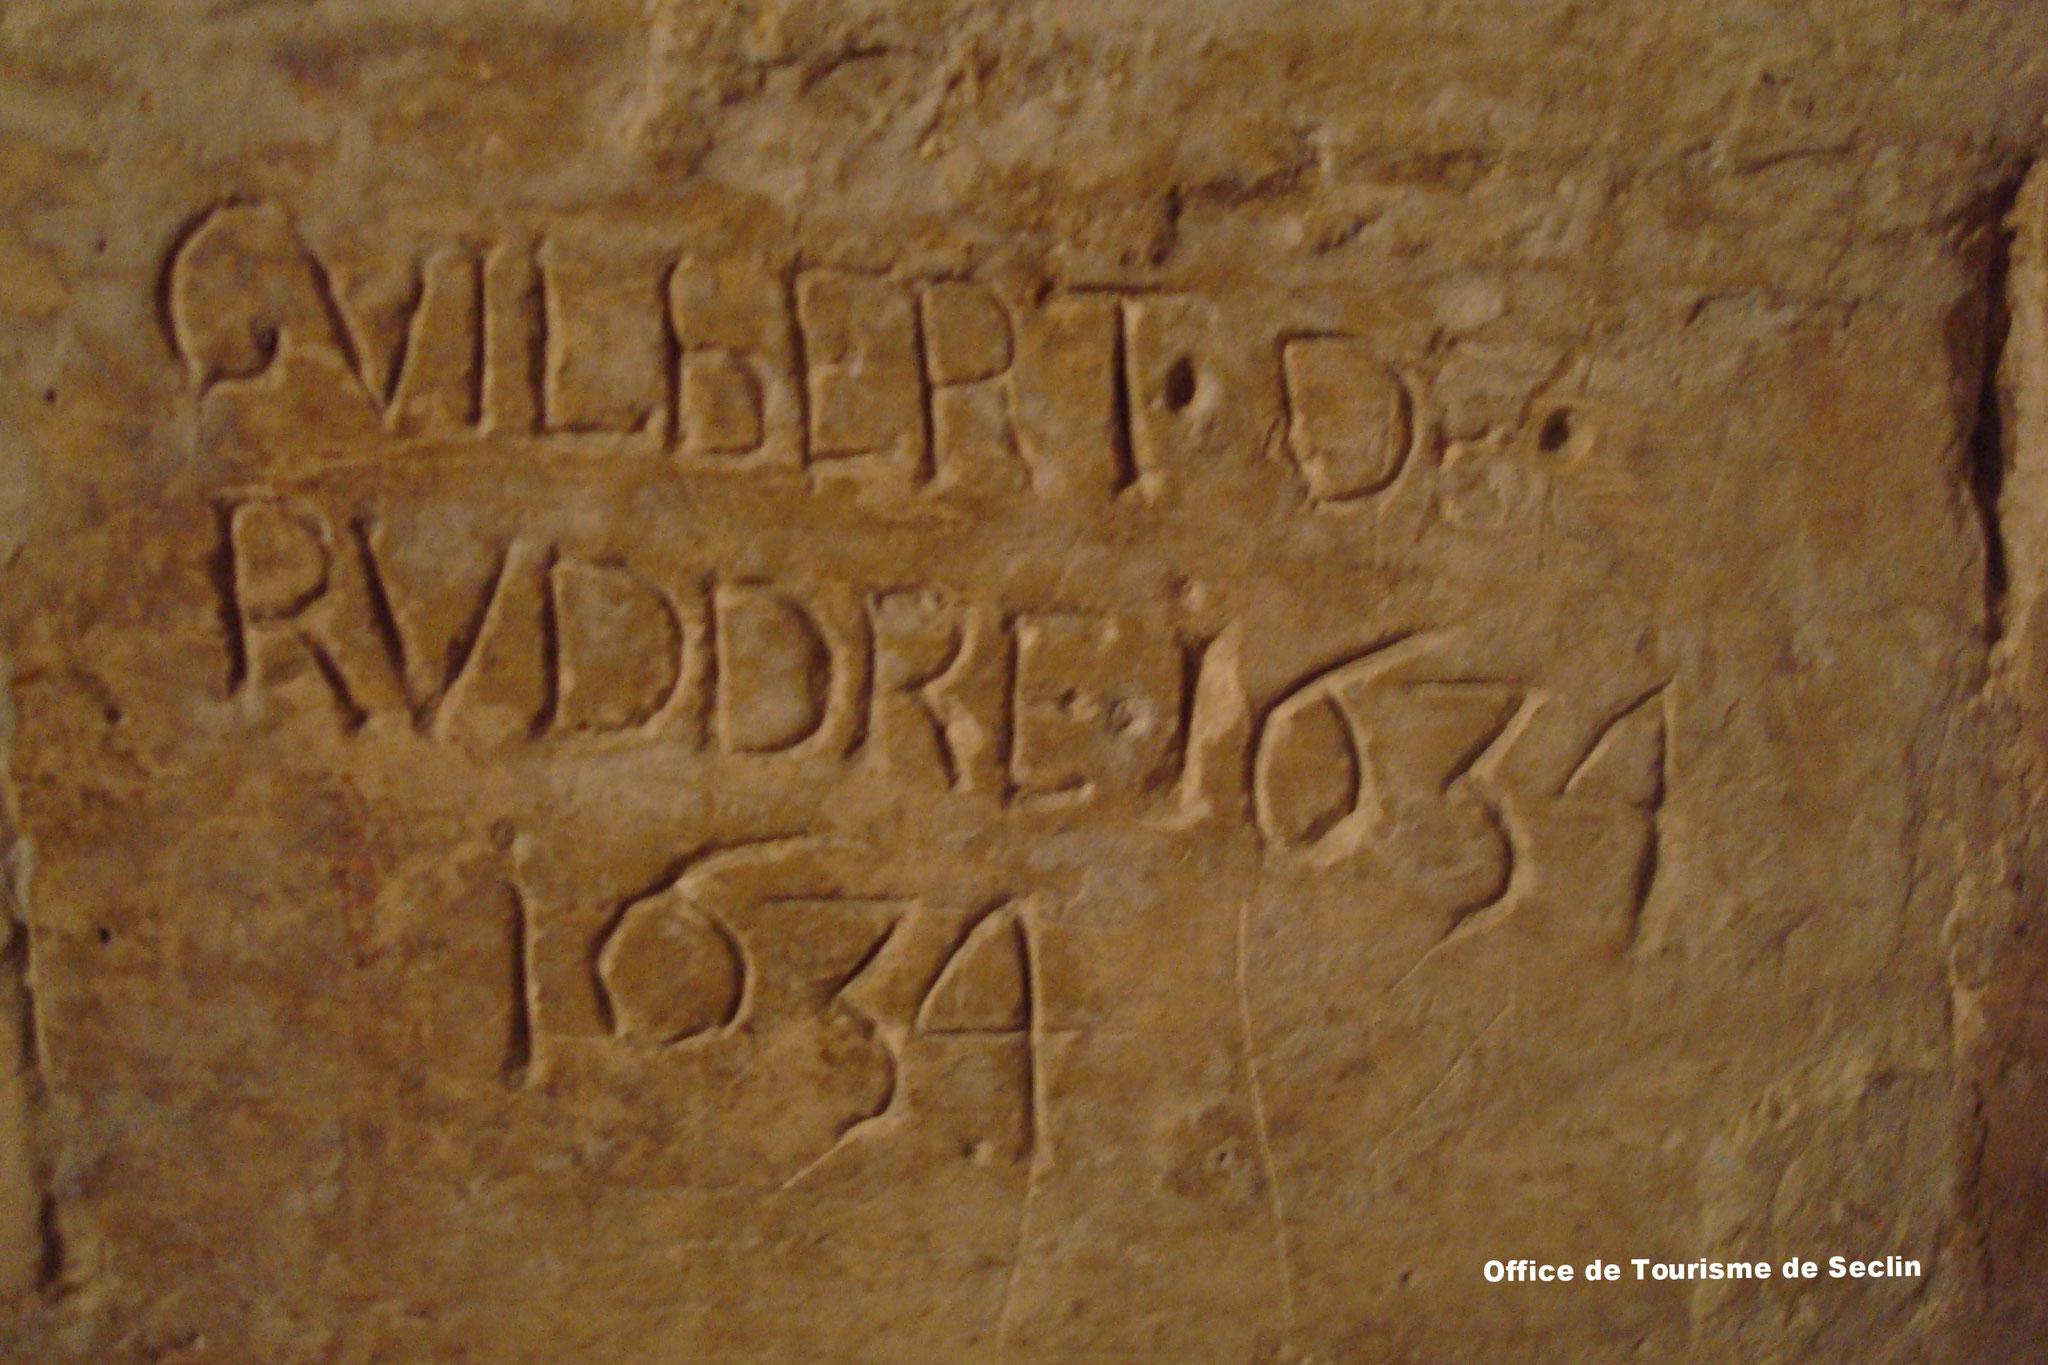 Collégiale St Piat de Seclin - Mur de la crypte - Graffiti (crédit : Office de Tourisme de Seclin & Environs)